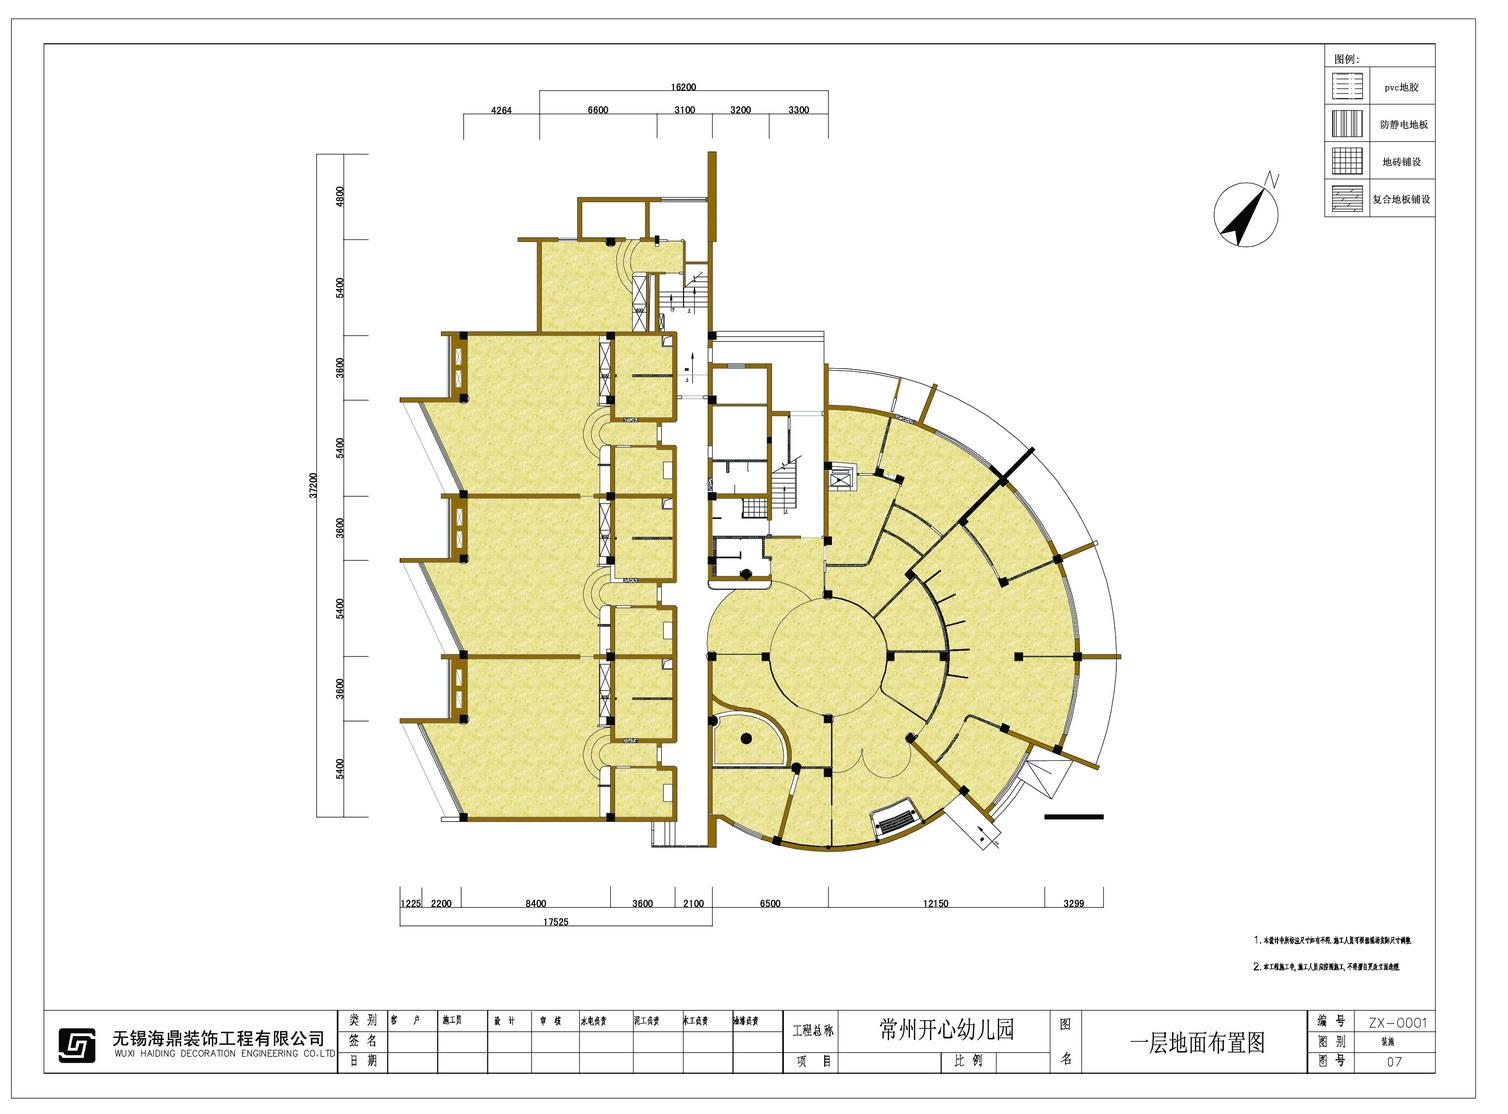 幼儿园塑胶地板pvc地板设计效果图2